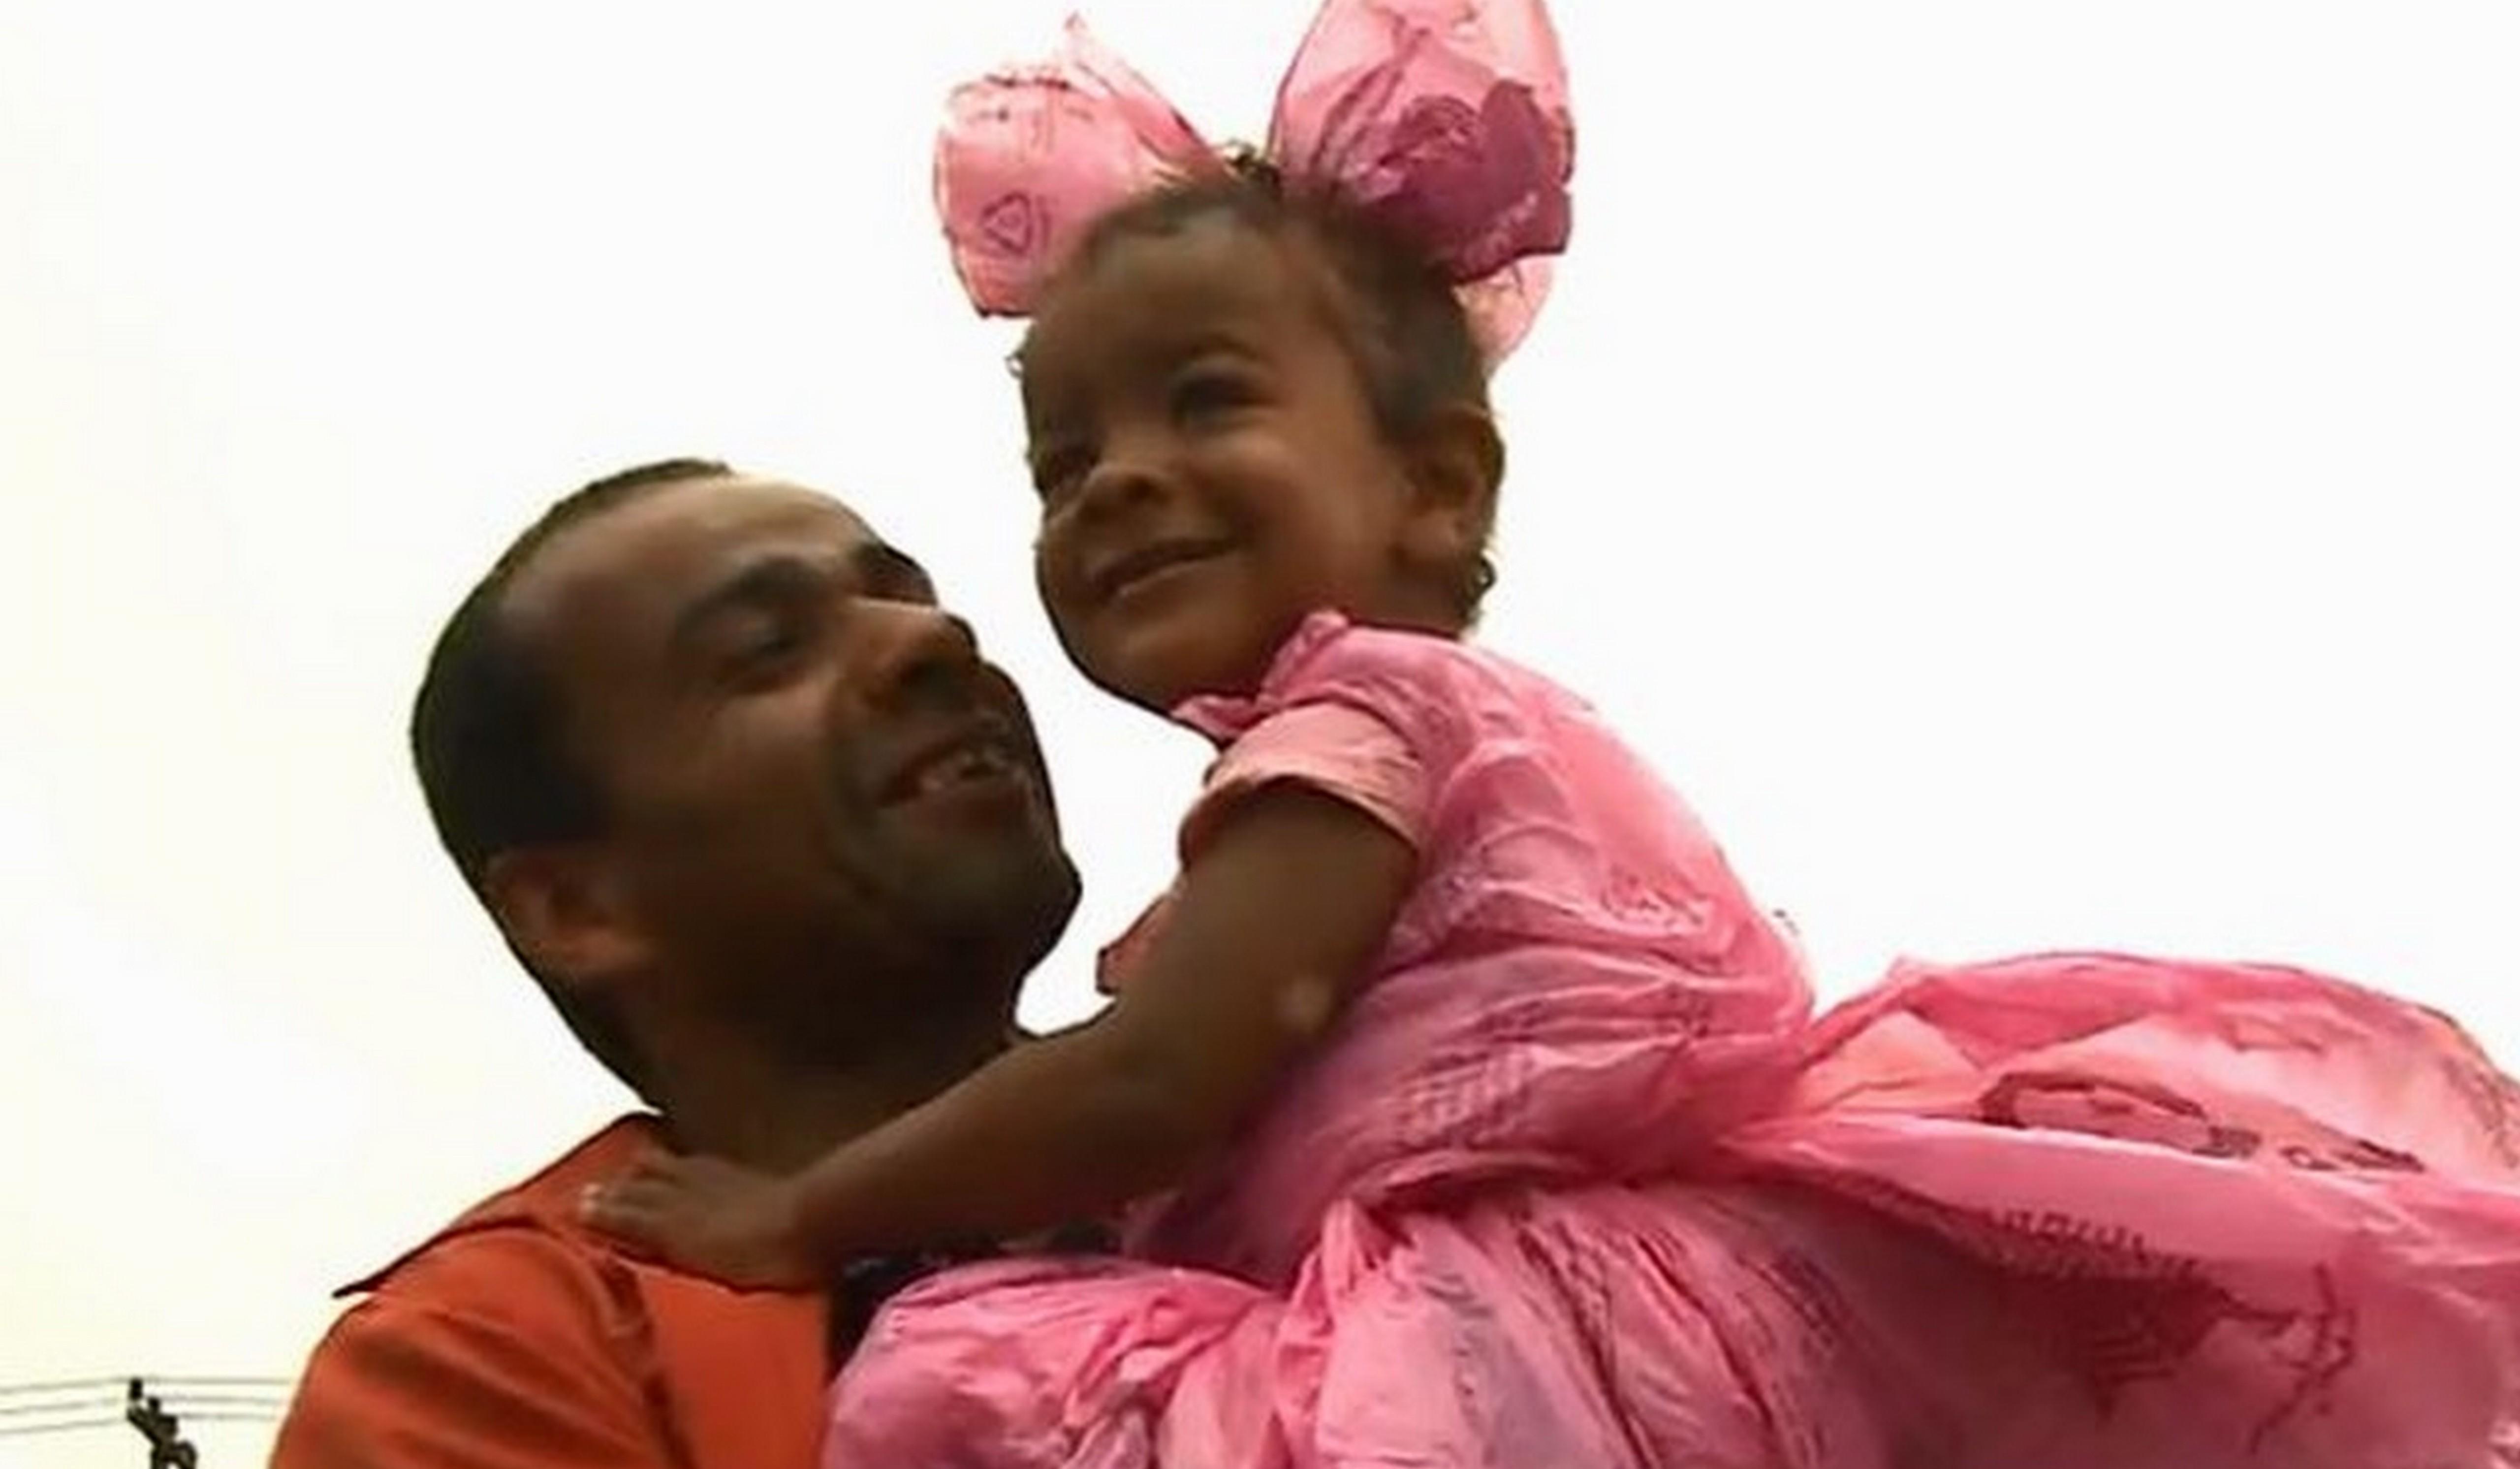 Sem dinheiro, pai cria fantasia com sacolas plásticas para filha 1